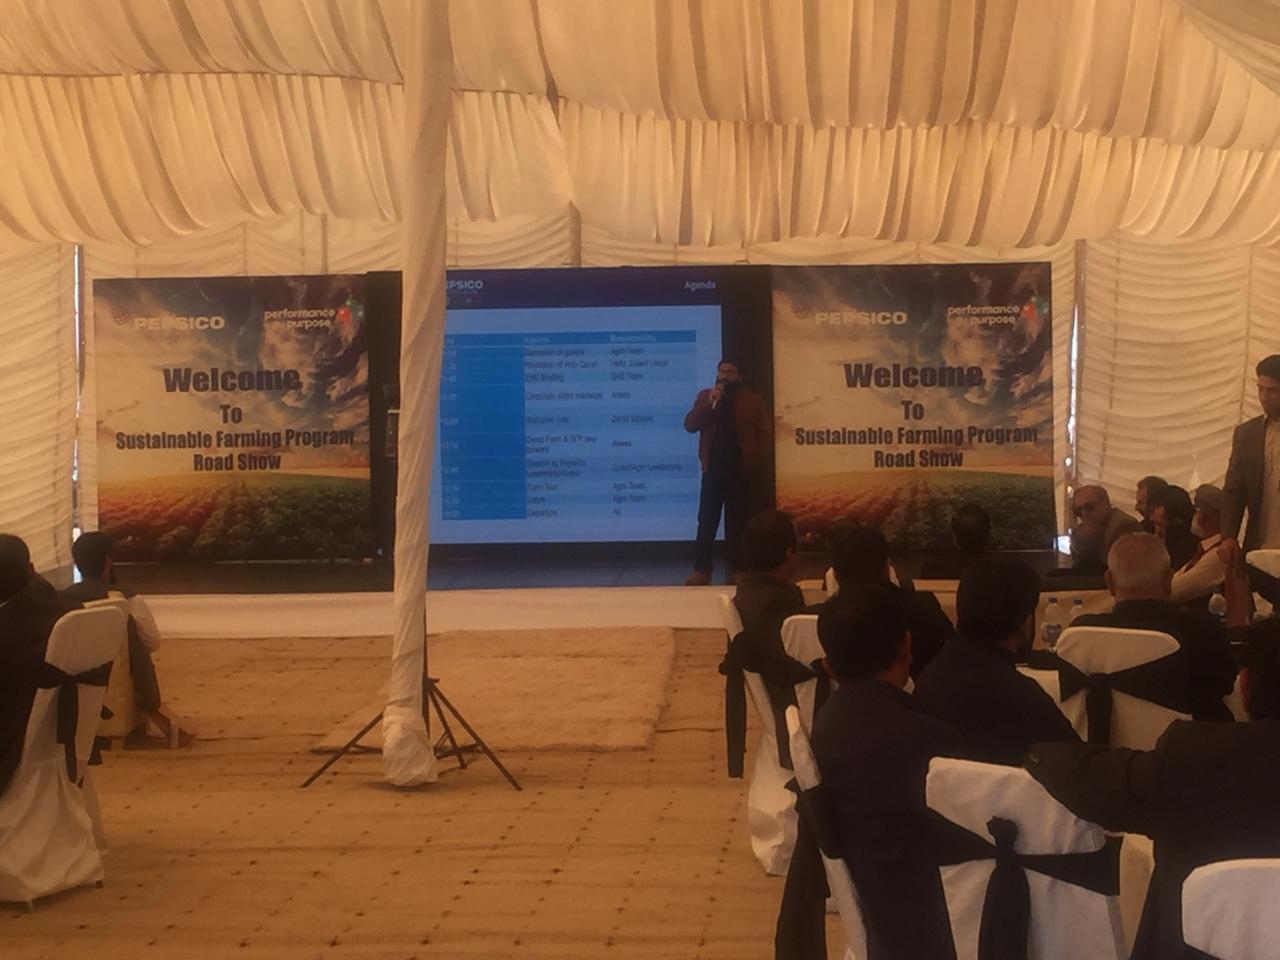 Pepsico Agriculture Sustainability Seminar in Dipalpur